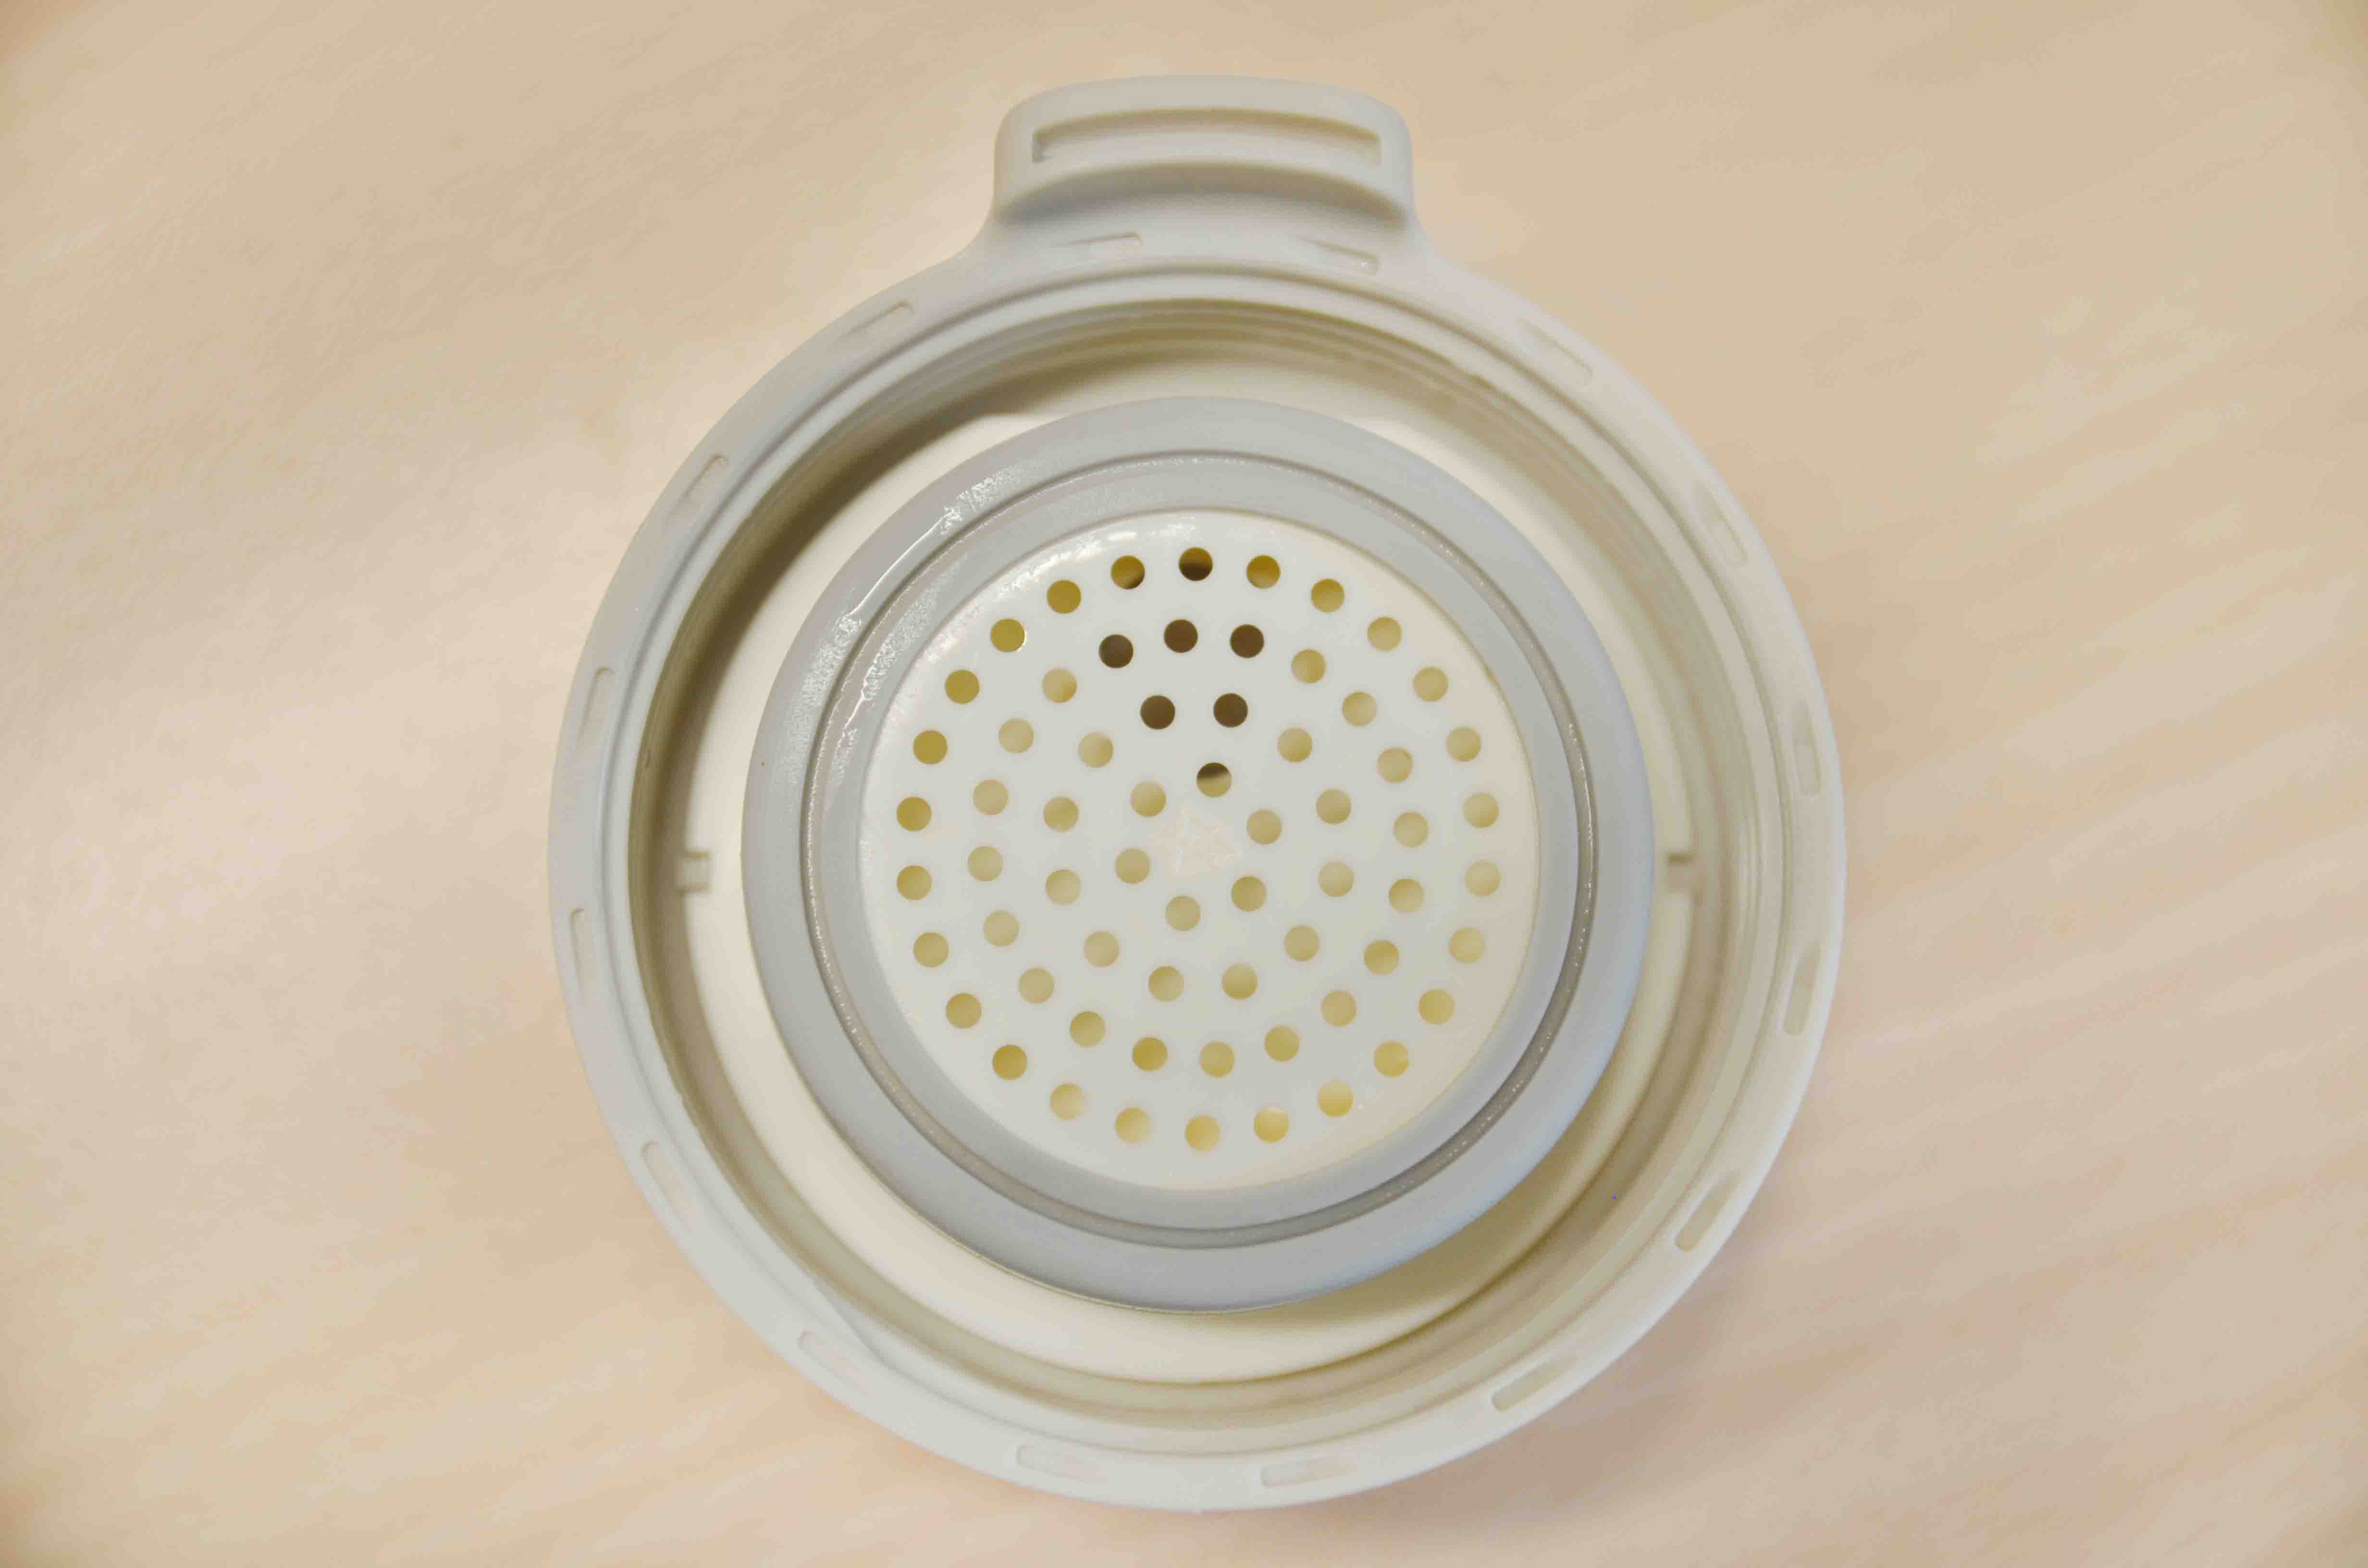 盛裝無極限✨美型陶瓷保溫杯的第 9 張圖片